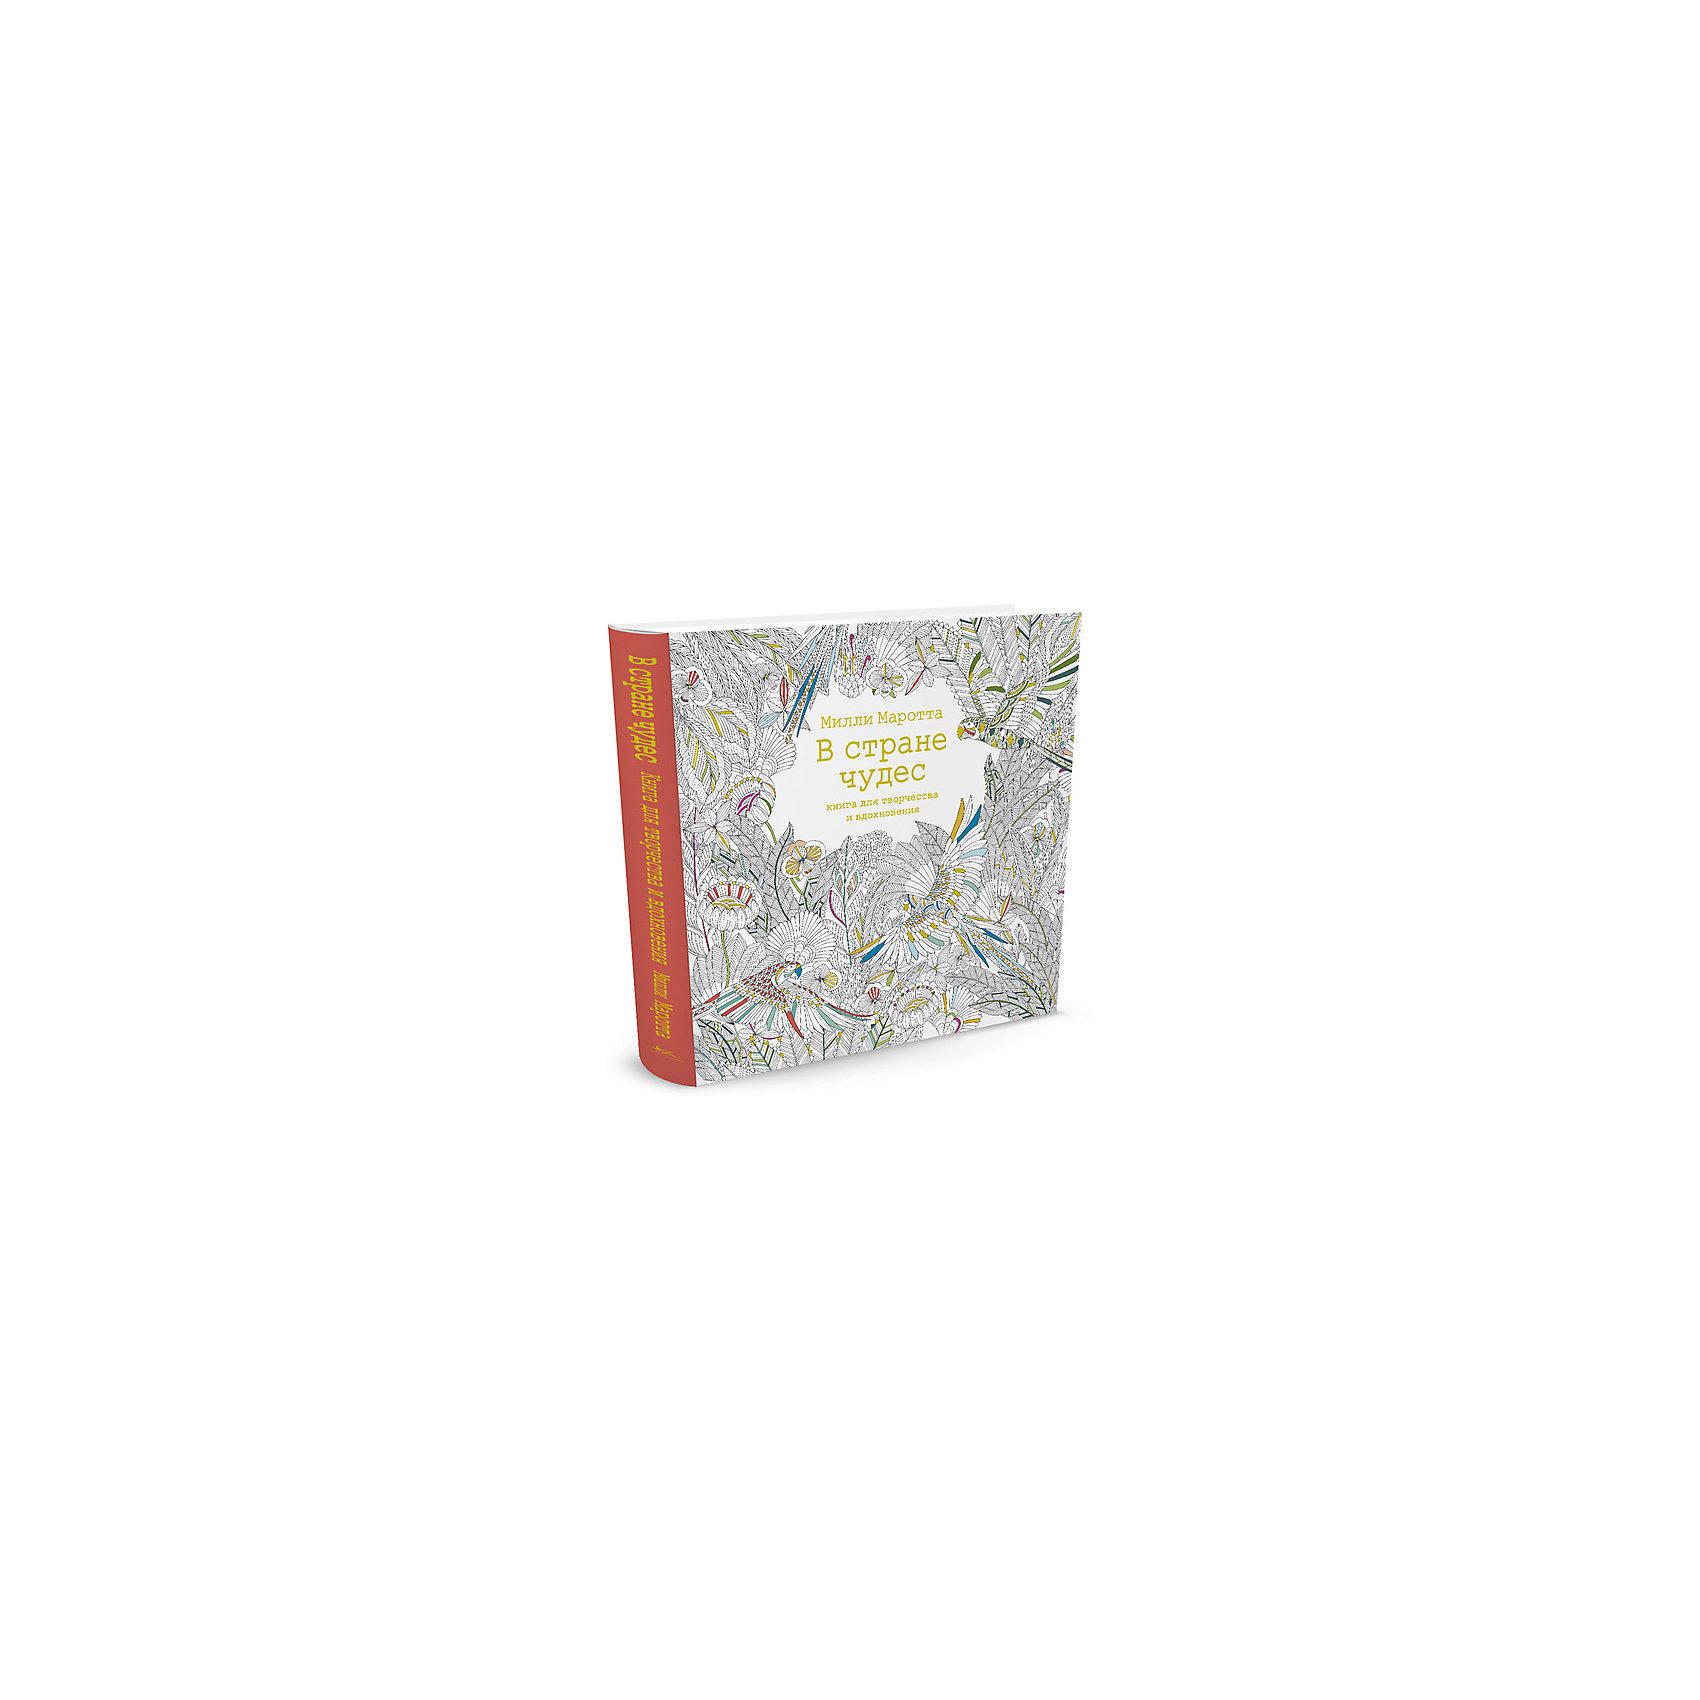 Раскраска-антистресс В стране чудес, MACHAONРаскраски по номерам<br>Книга В стране чудес.<br><br>Характеристики:<br><br>• Художник: Маротта Милли<br>• Редактор: Фесенко О. Г.<br>• Издательство: КоЛибри<br>• Тип обложки: 7Б - твердая (плотная бумага или картон)<br>• Оформление: тиснение золотом<br>• Иллюстрации: черно-белые<br>• Количество страниц: 96 (офсет)<br>• Размер: 258x257х11 мм.<br>• Вес: 651 гр.<br>• ISBN: 9785389110250<br><br>Художник-иллюстратор Милли Маротта выросла в сказочном Уэльсе в окружении растений и животных. Она работает в студии у моря и черпает вдохновение в живой природе. Удивительная страна чудес оживает на страницах книги для творчества и вдохновения.<br><br>Книгу В стране чудес можно купить в нашем интернет-магазине.<br><br>Ширина мм: 258<br>Глубина мм: 257<br>Высота мм: 110<br>Вес г: 651<br>Возраст от месяцев: 144<br>Возраст до месяцев: 2147483647<br>Пол: Унисекс<br>Возраст: Детский<br>SKU: 5493536